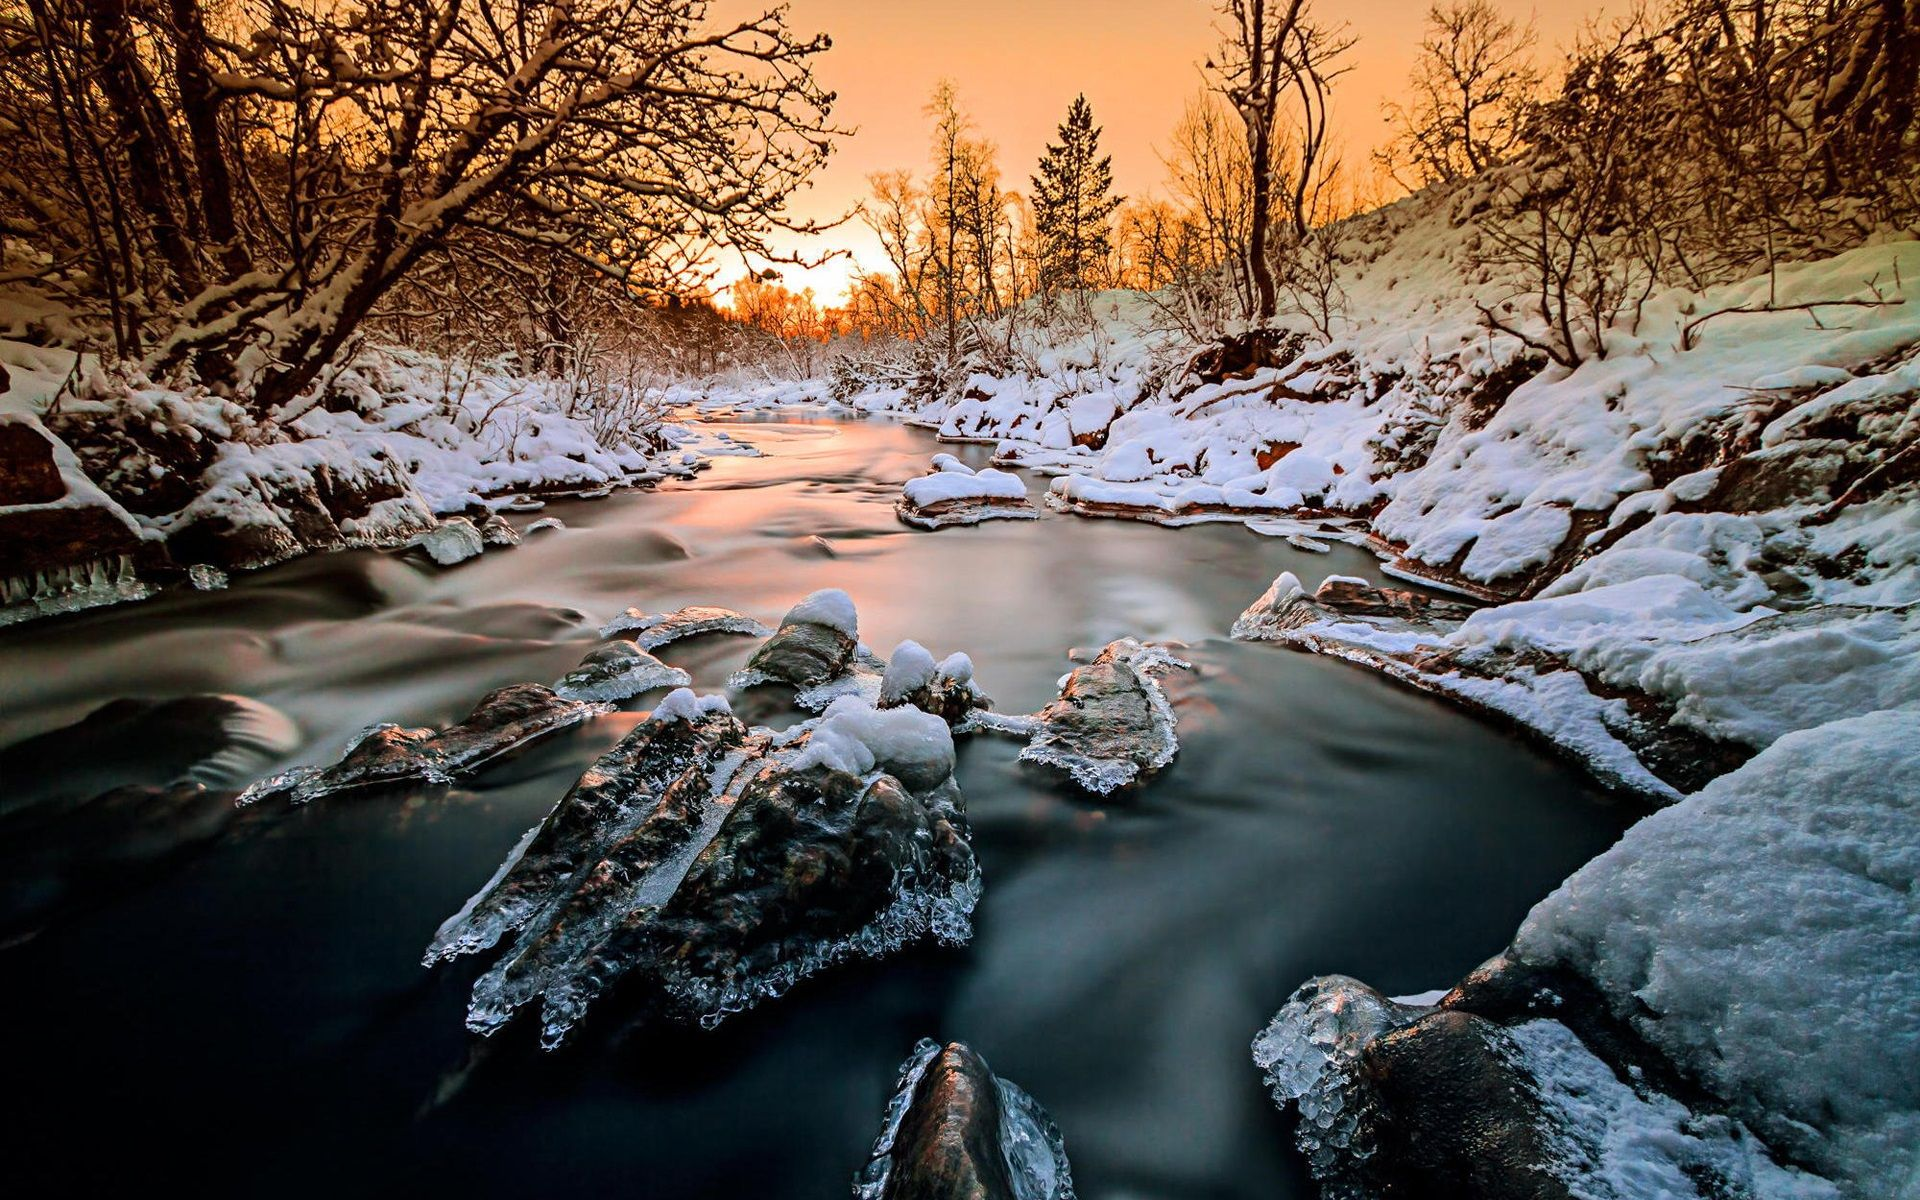 Norvège, forêt, arbres, rivière, neige, glace, hiver